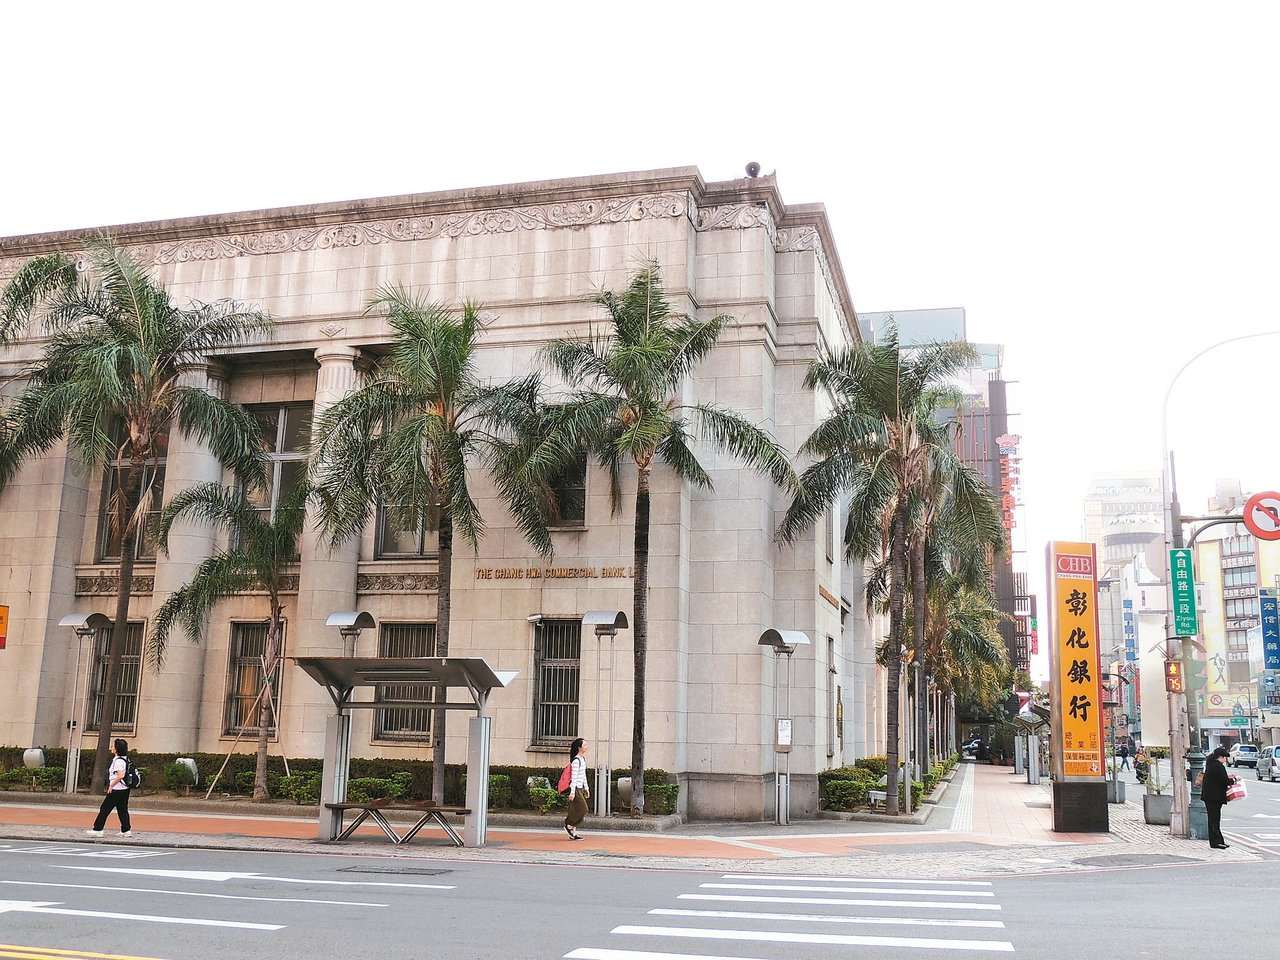 時光流轉,中正路改稱台灣大道,彰銀仍在,附近商家數易主人。 圖╱羅有隆攝影